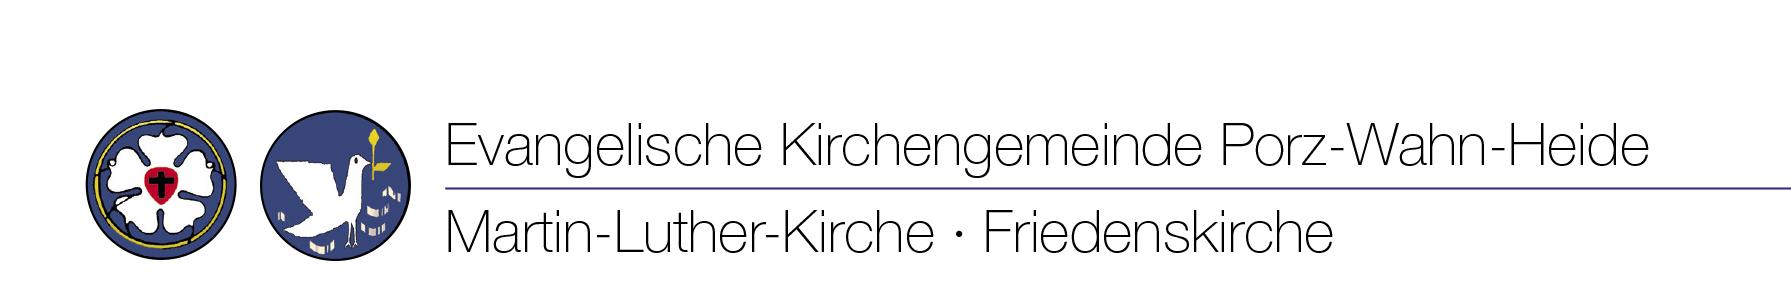 Logo: Ev. Kirchengemeinde Porz-Wahn-Heide